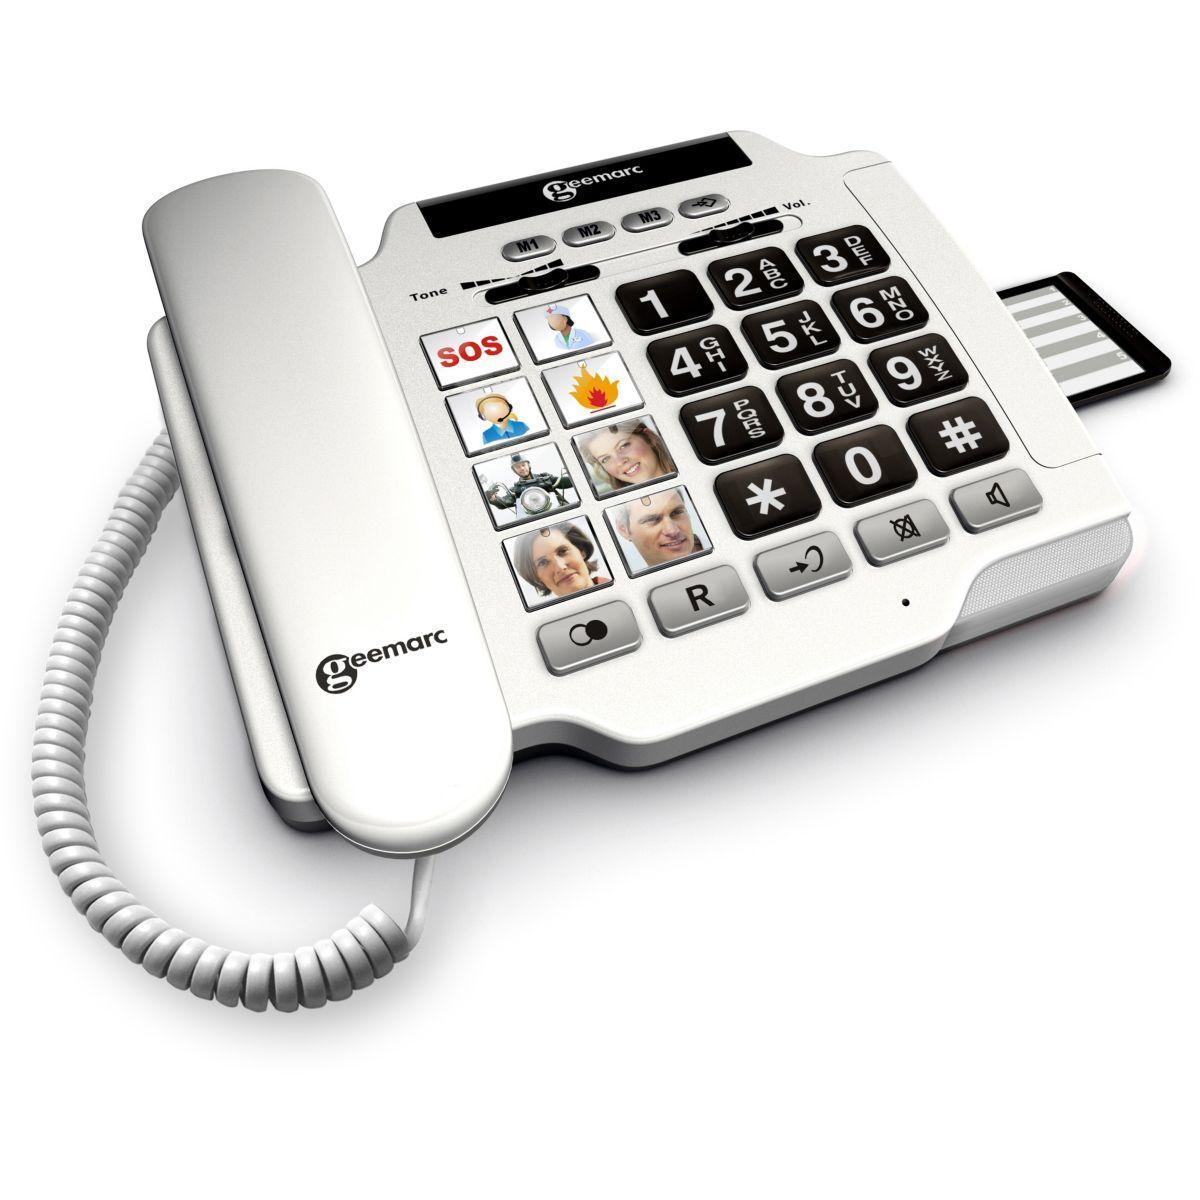 T�l�phone filaire geemarc photophone 100 blanc - 7% de remise imm�diate avec le code : automne7 (photo)